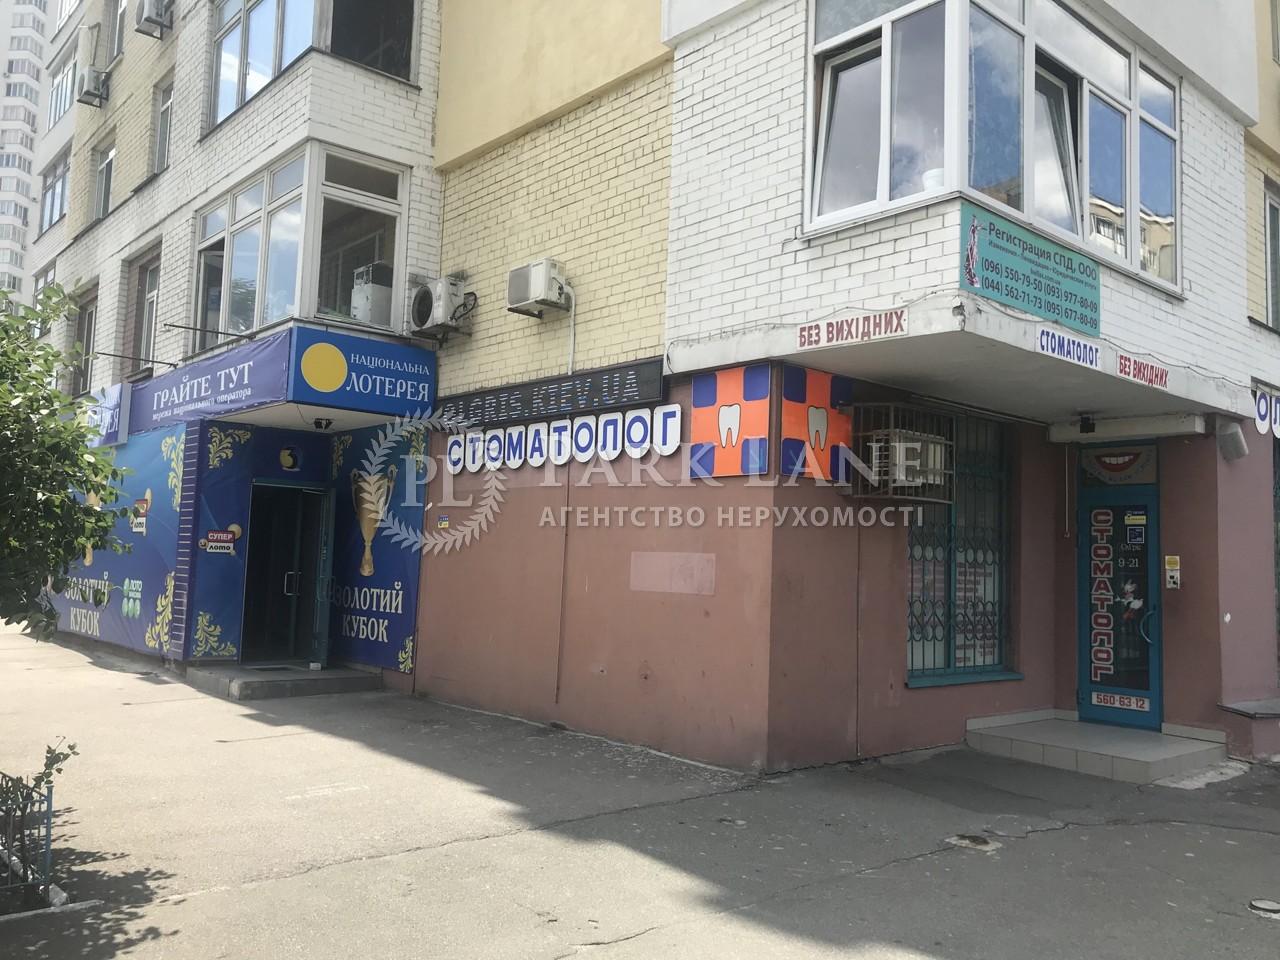 Нежилое помещение, Харьковское шоссе, Киев, I-30080 - Фото 3